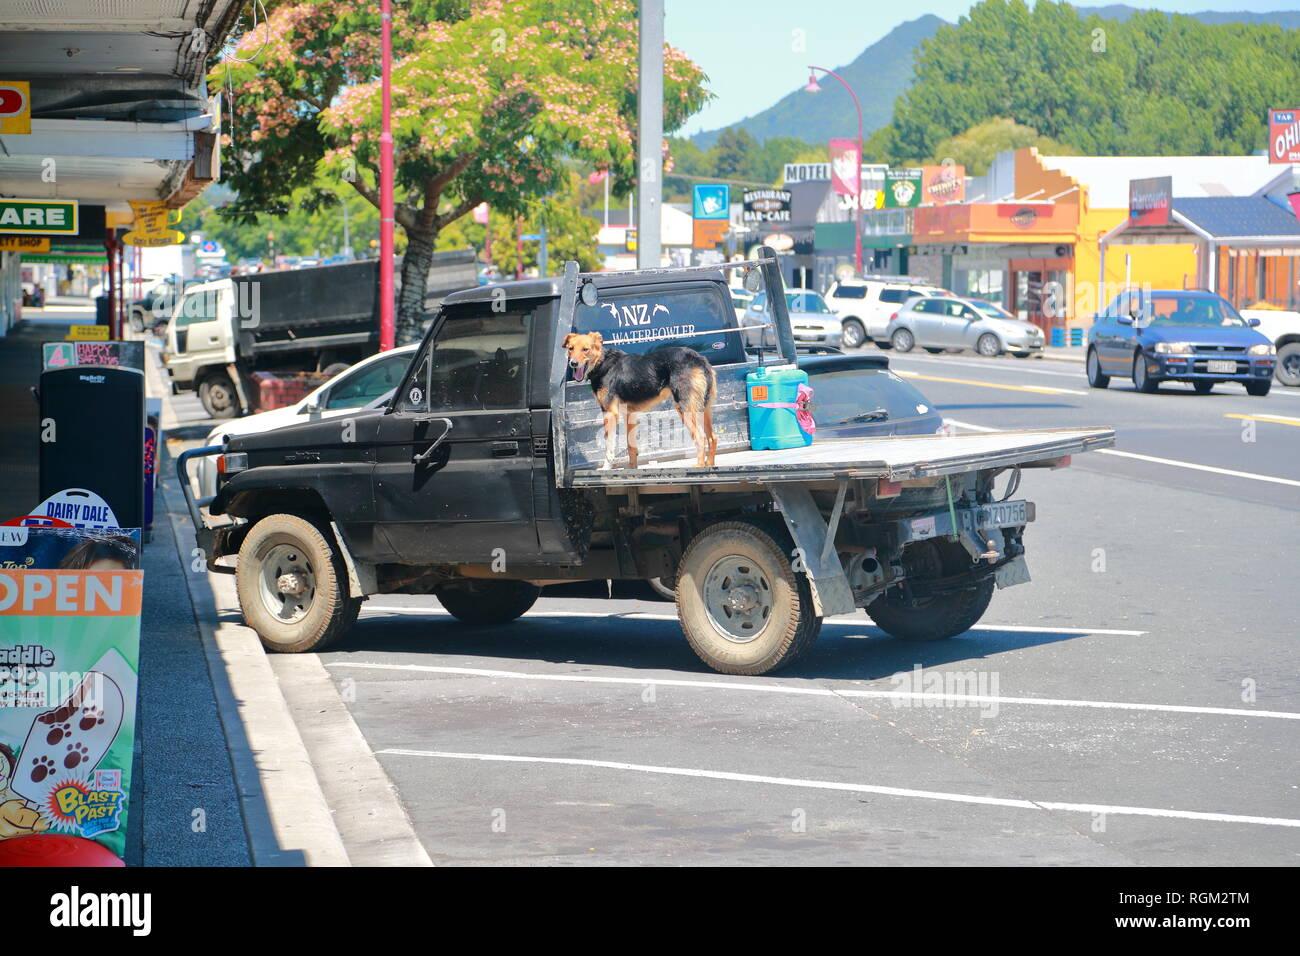 Un propriétaire stationné sa camionnette avec son chien sur la baie de chargement de Paeroa, Nouvelle-Zélande Photo Stock